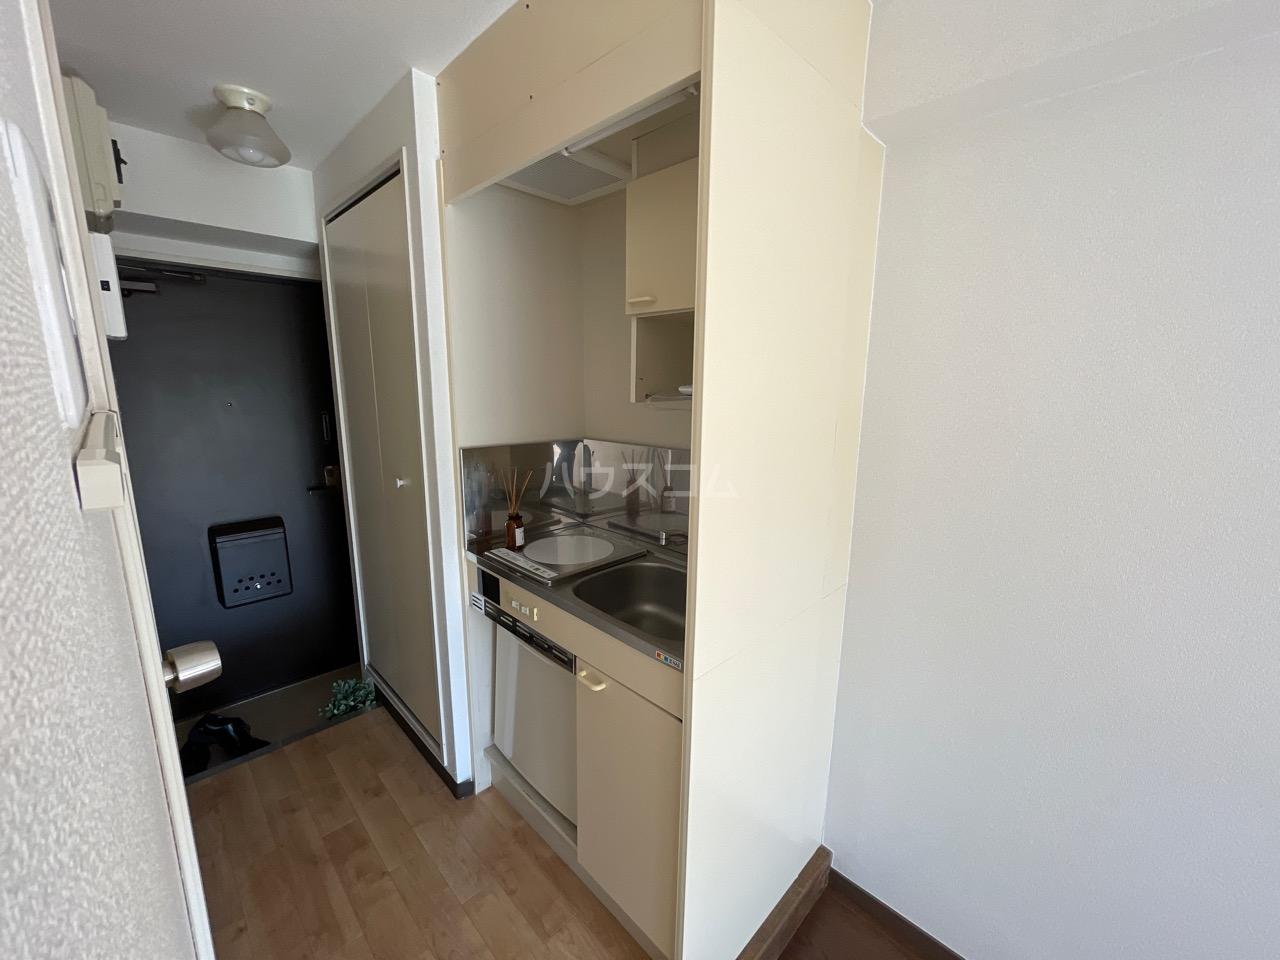 オセアン新沢ビル 209号室の洗面所